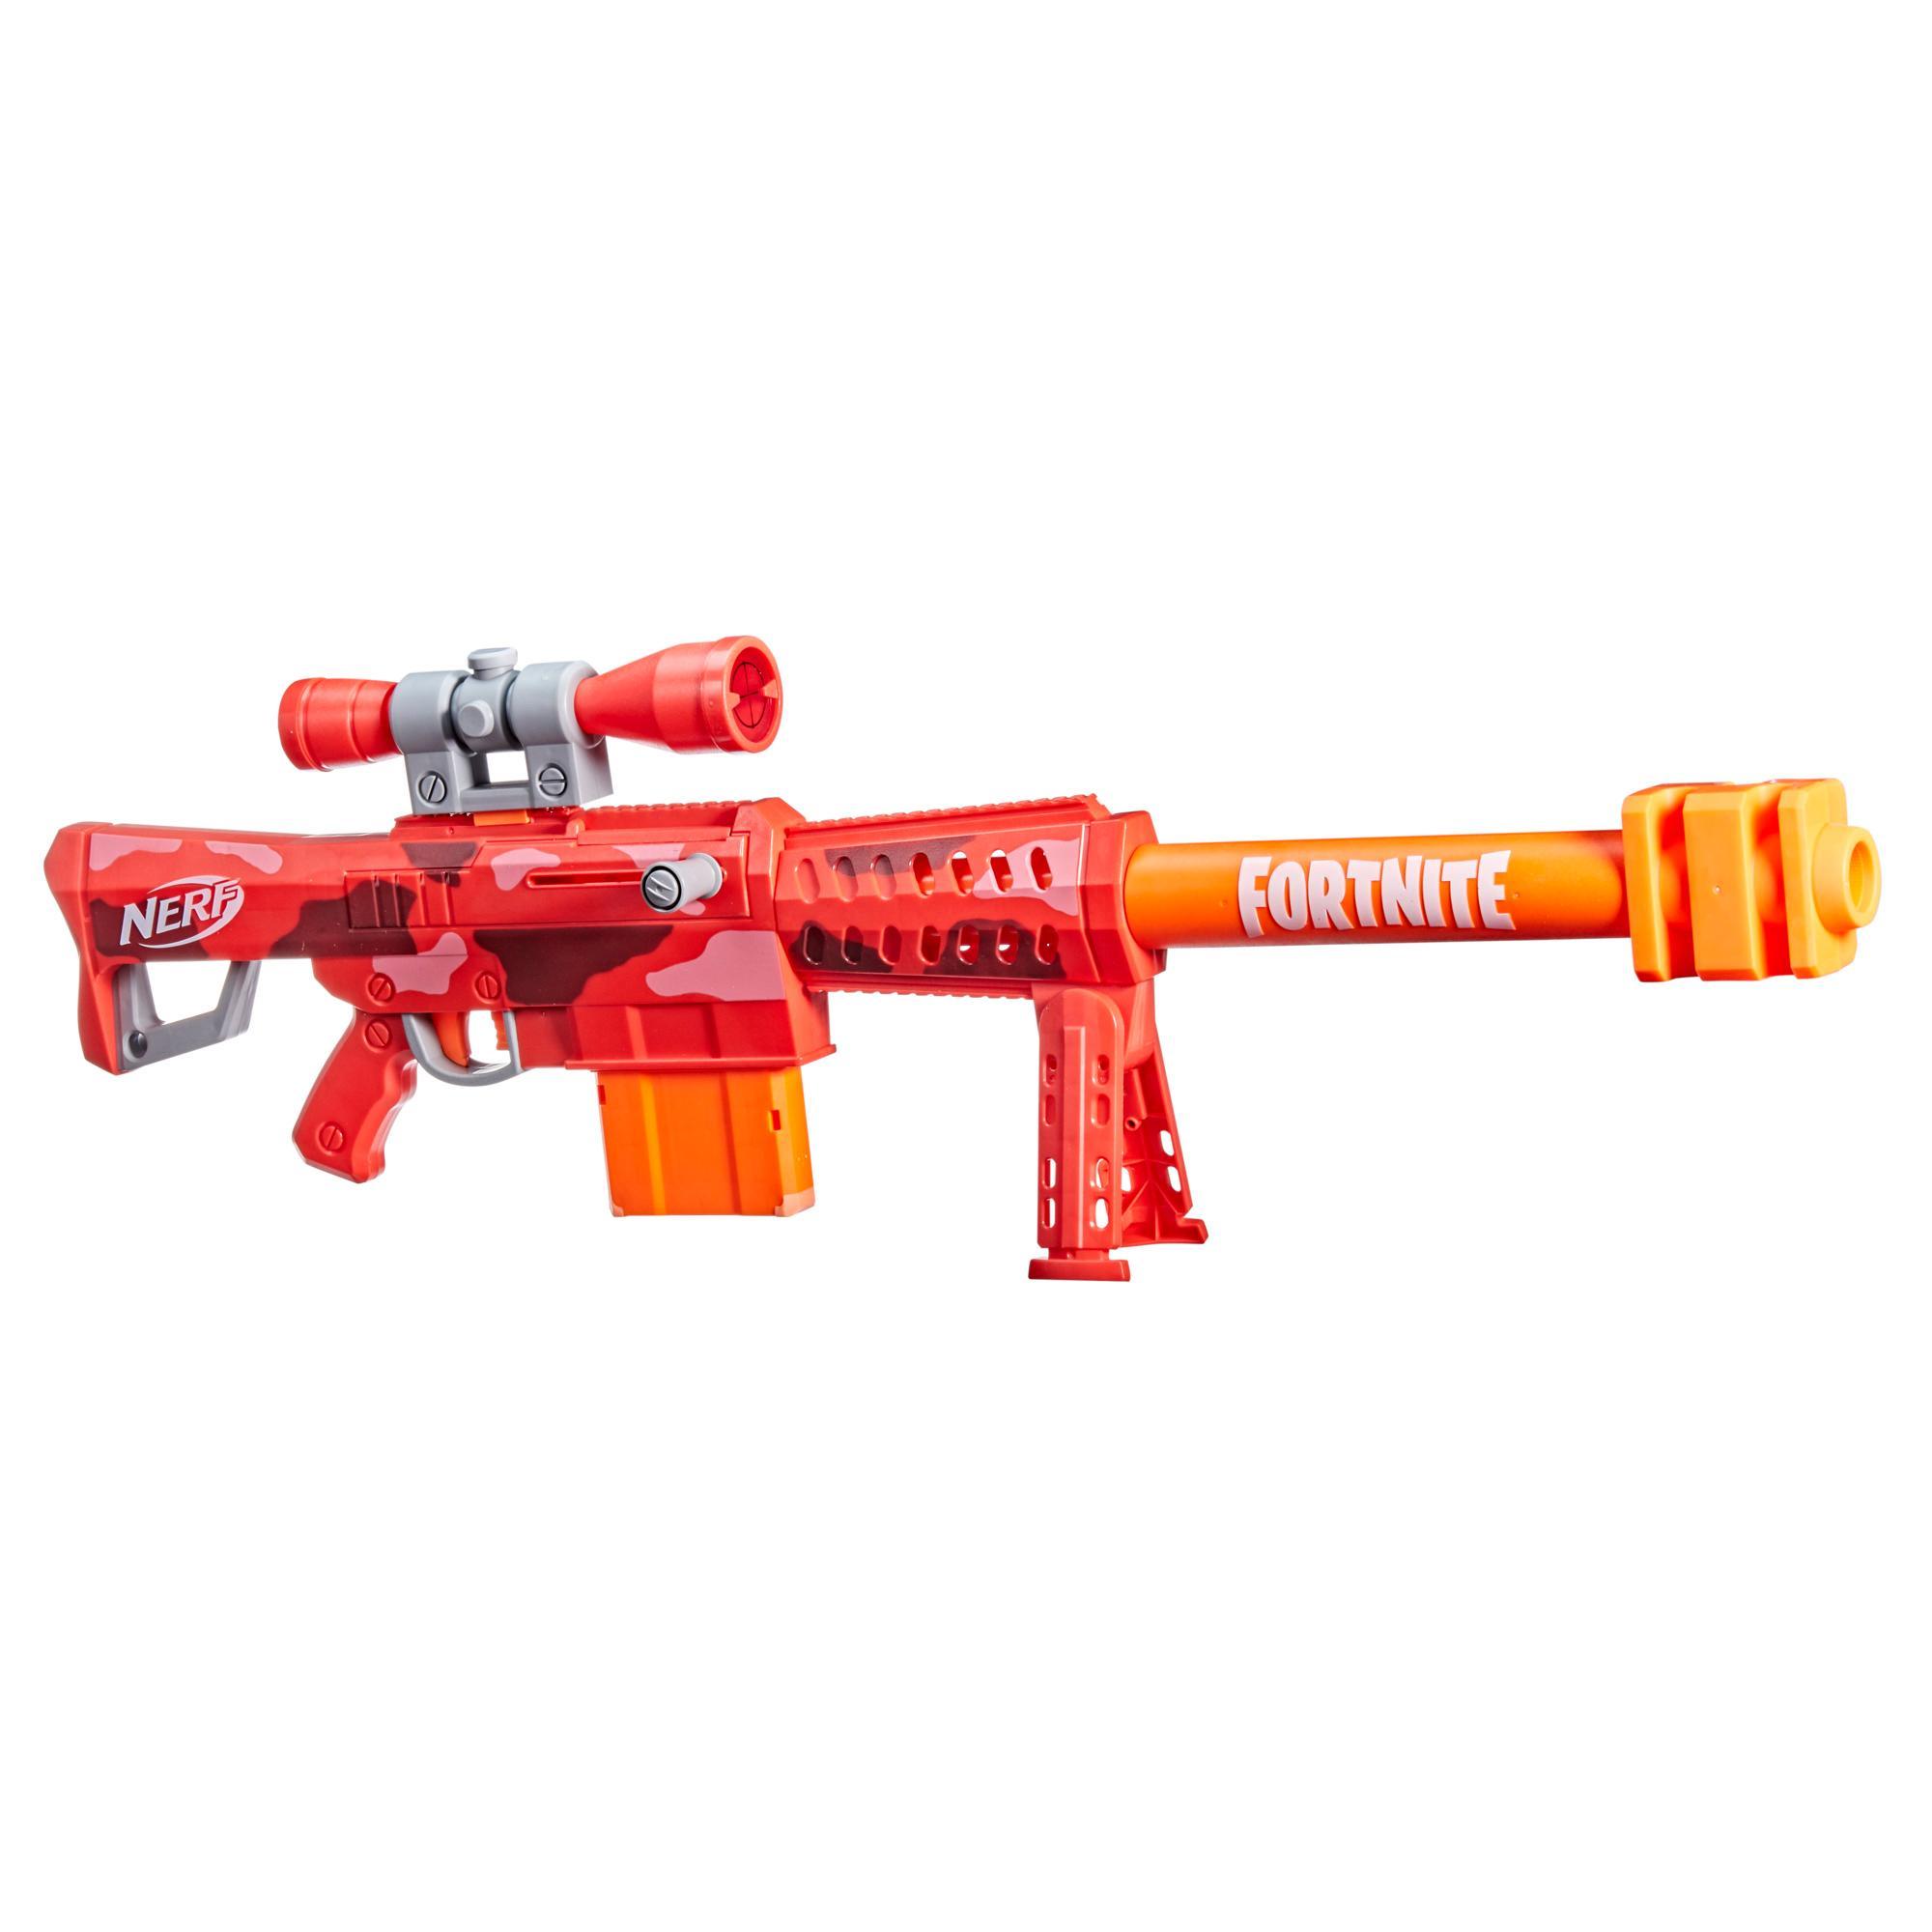 Nerf Fortnite Heavy SR